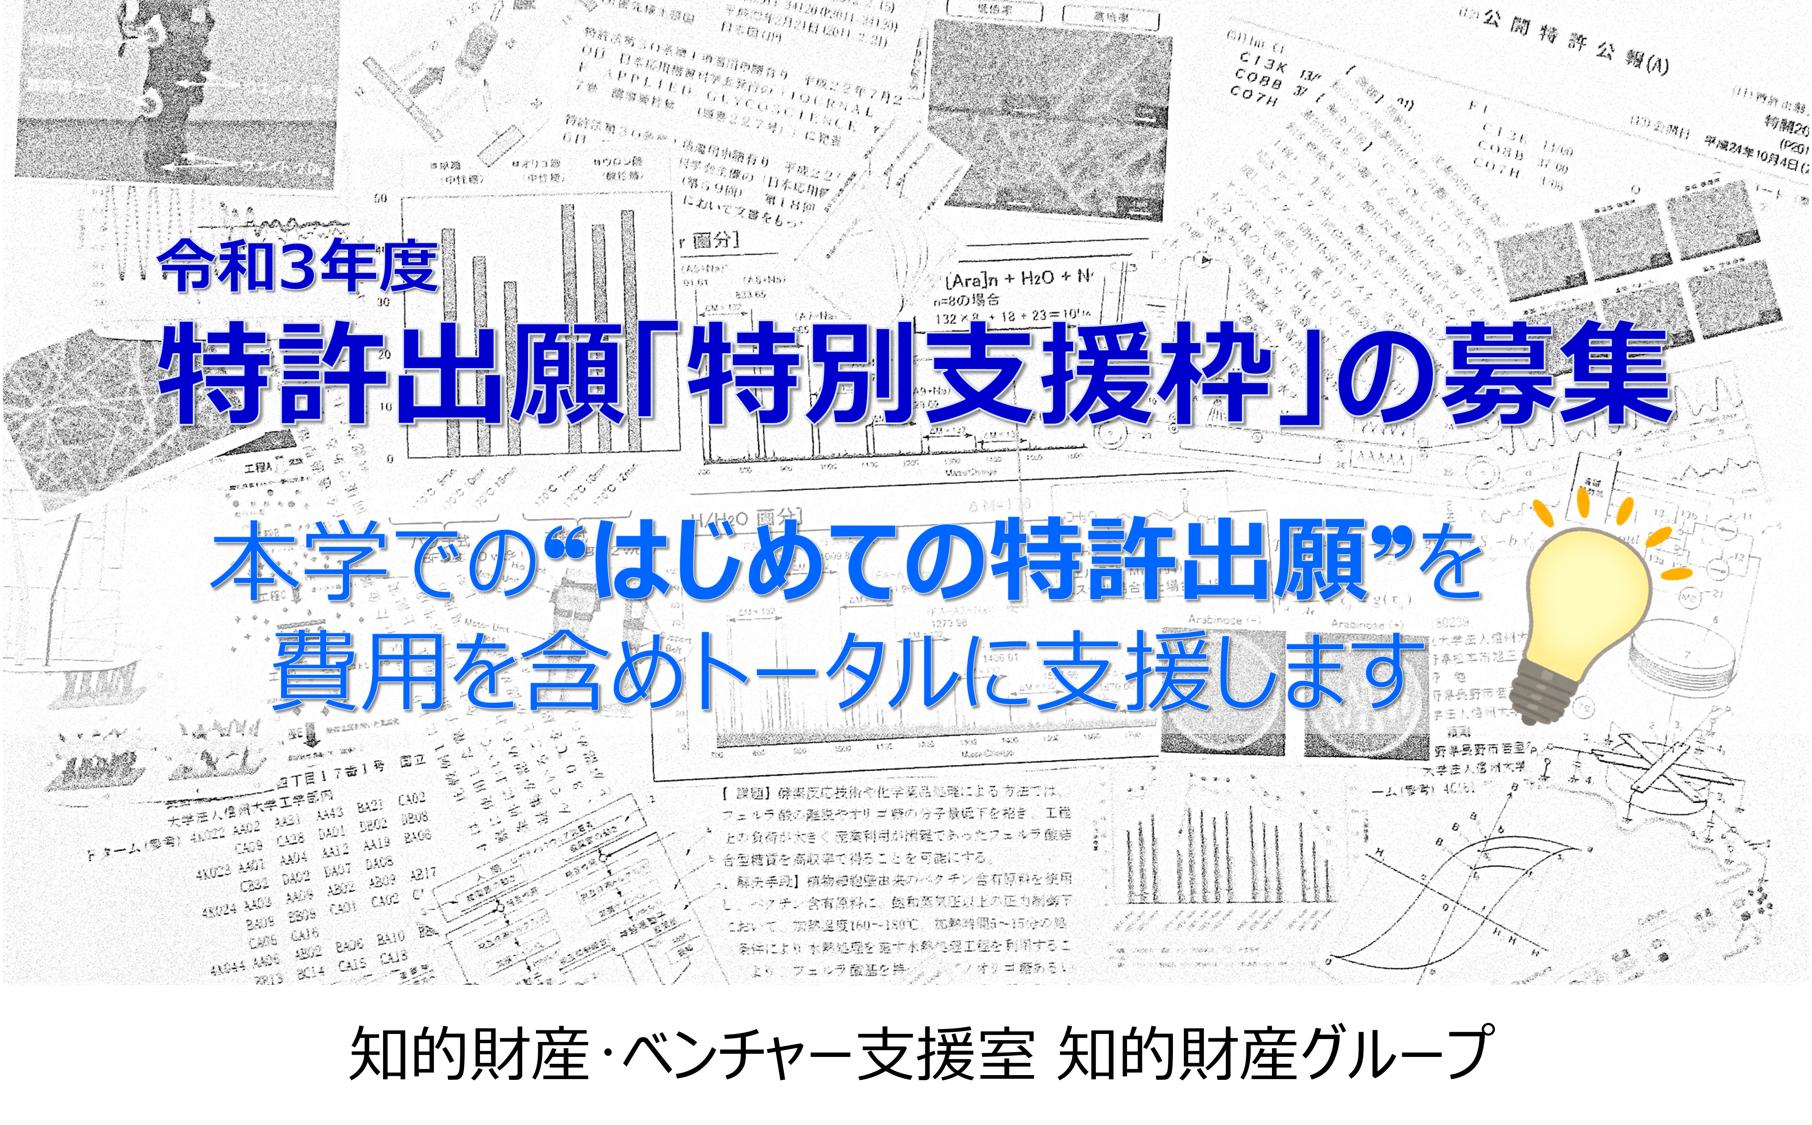 アイキャッチ画像:【募集】令和3年度特許出願特別支援枠の募集について